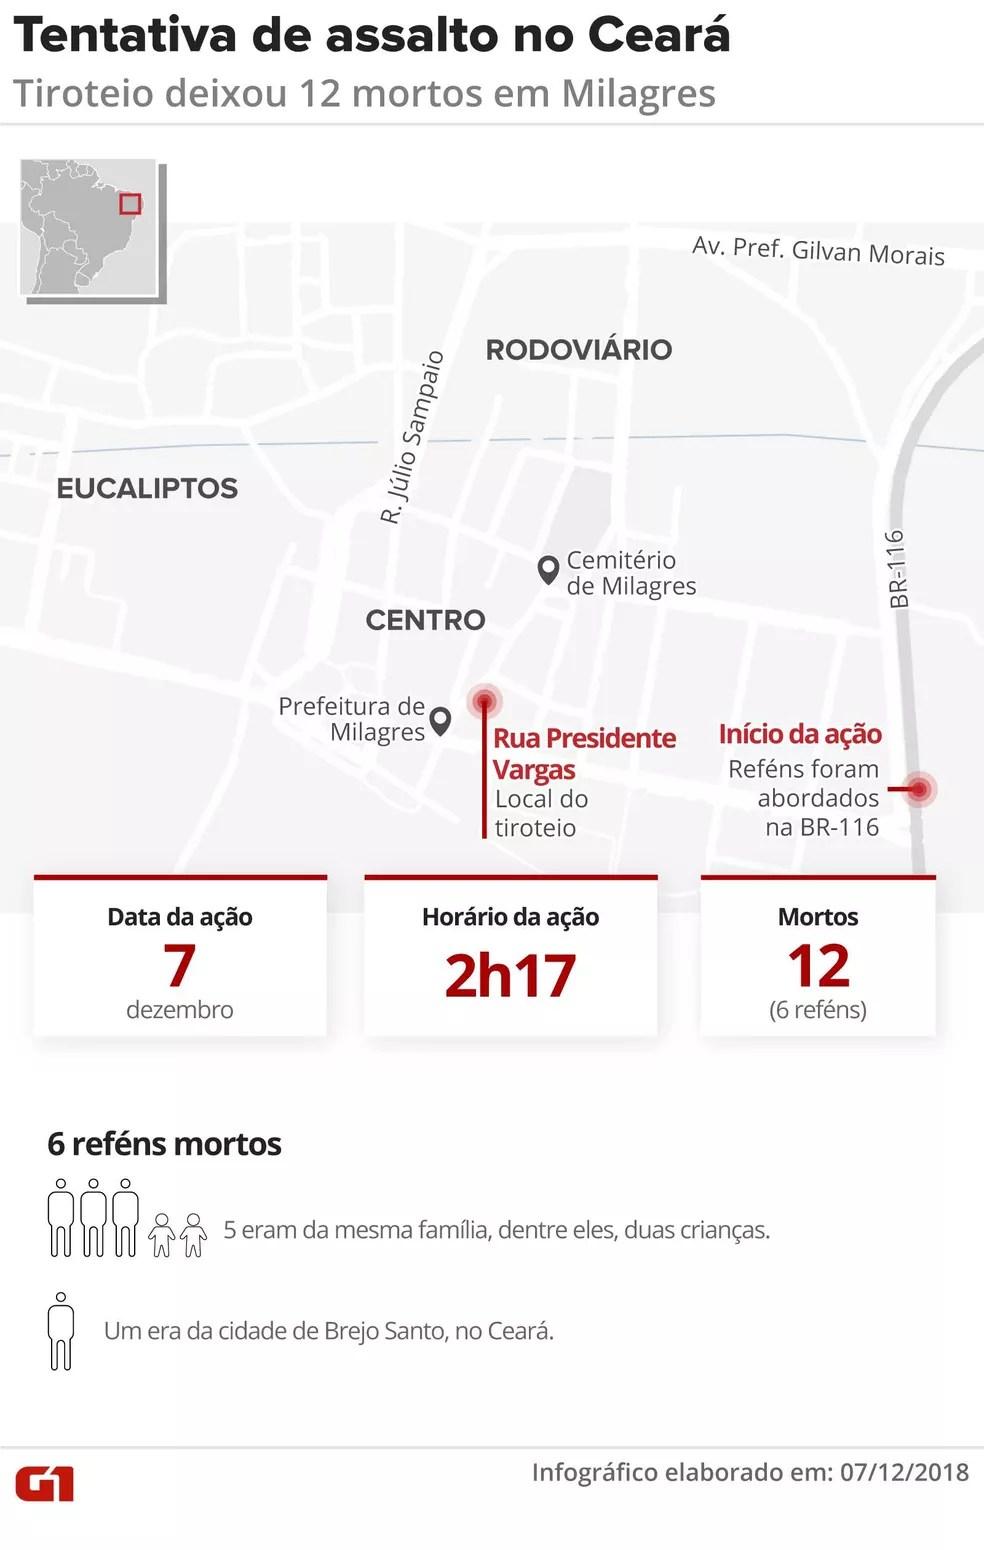 mapa-ceara-milagres-tiroteio Tentativa de assalto a bancos com reféns deixa 12 mortos